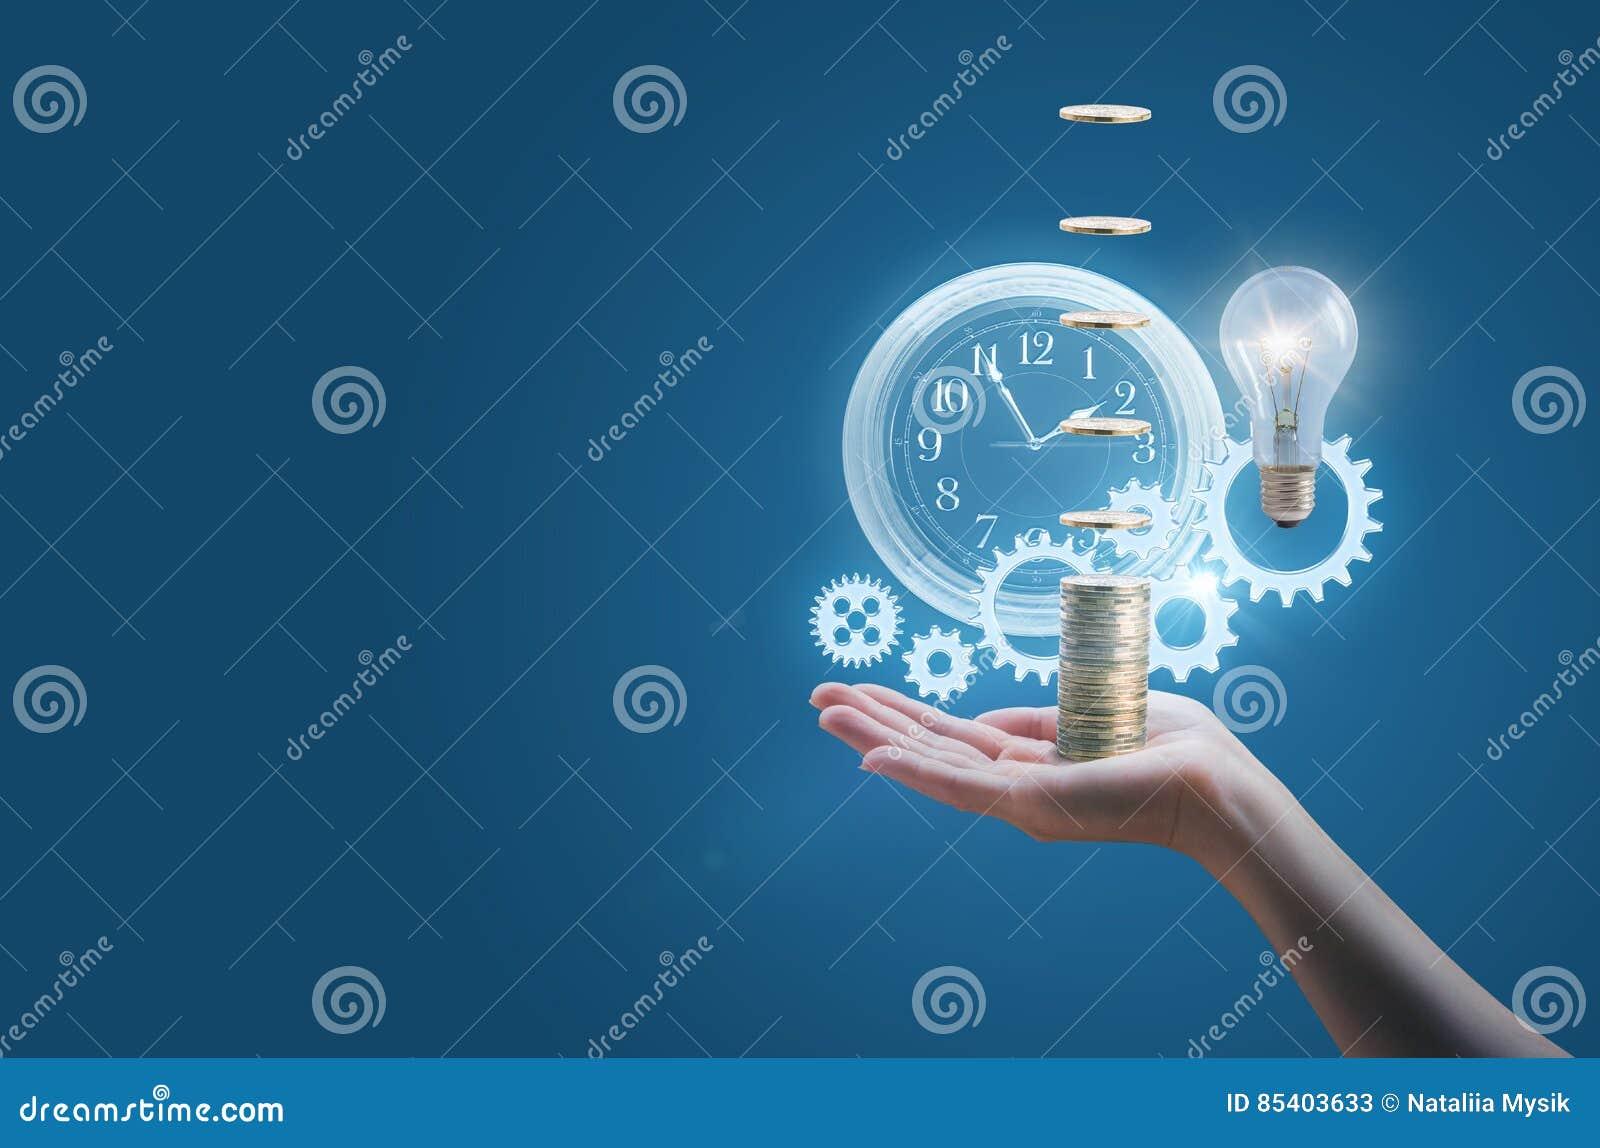 Geschäftsfrau in der Hand einer Uhr übersetzt Geld und die Lampe symbolisiert die effektive Durchführung